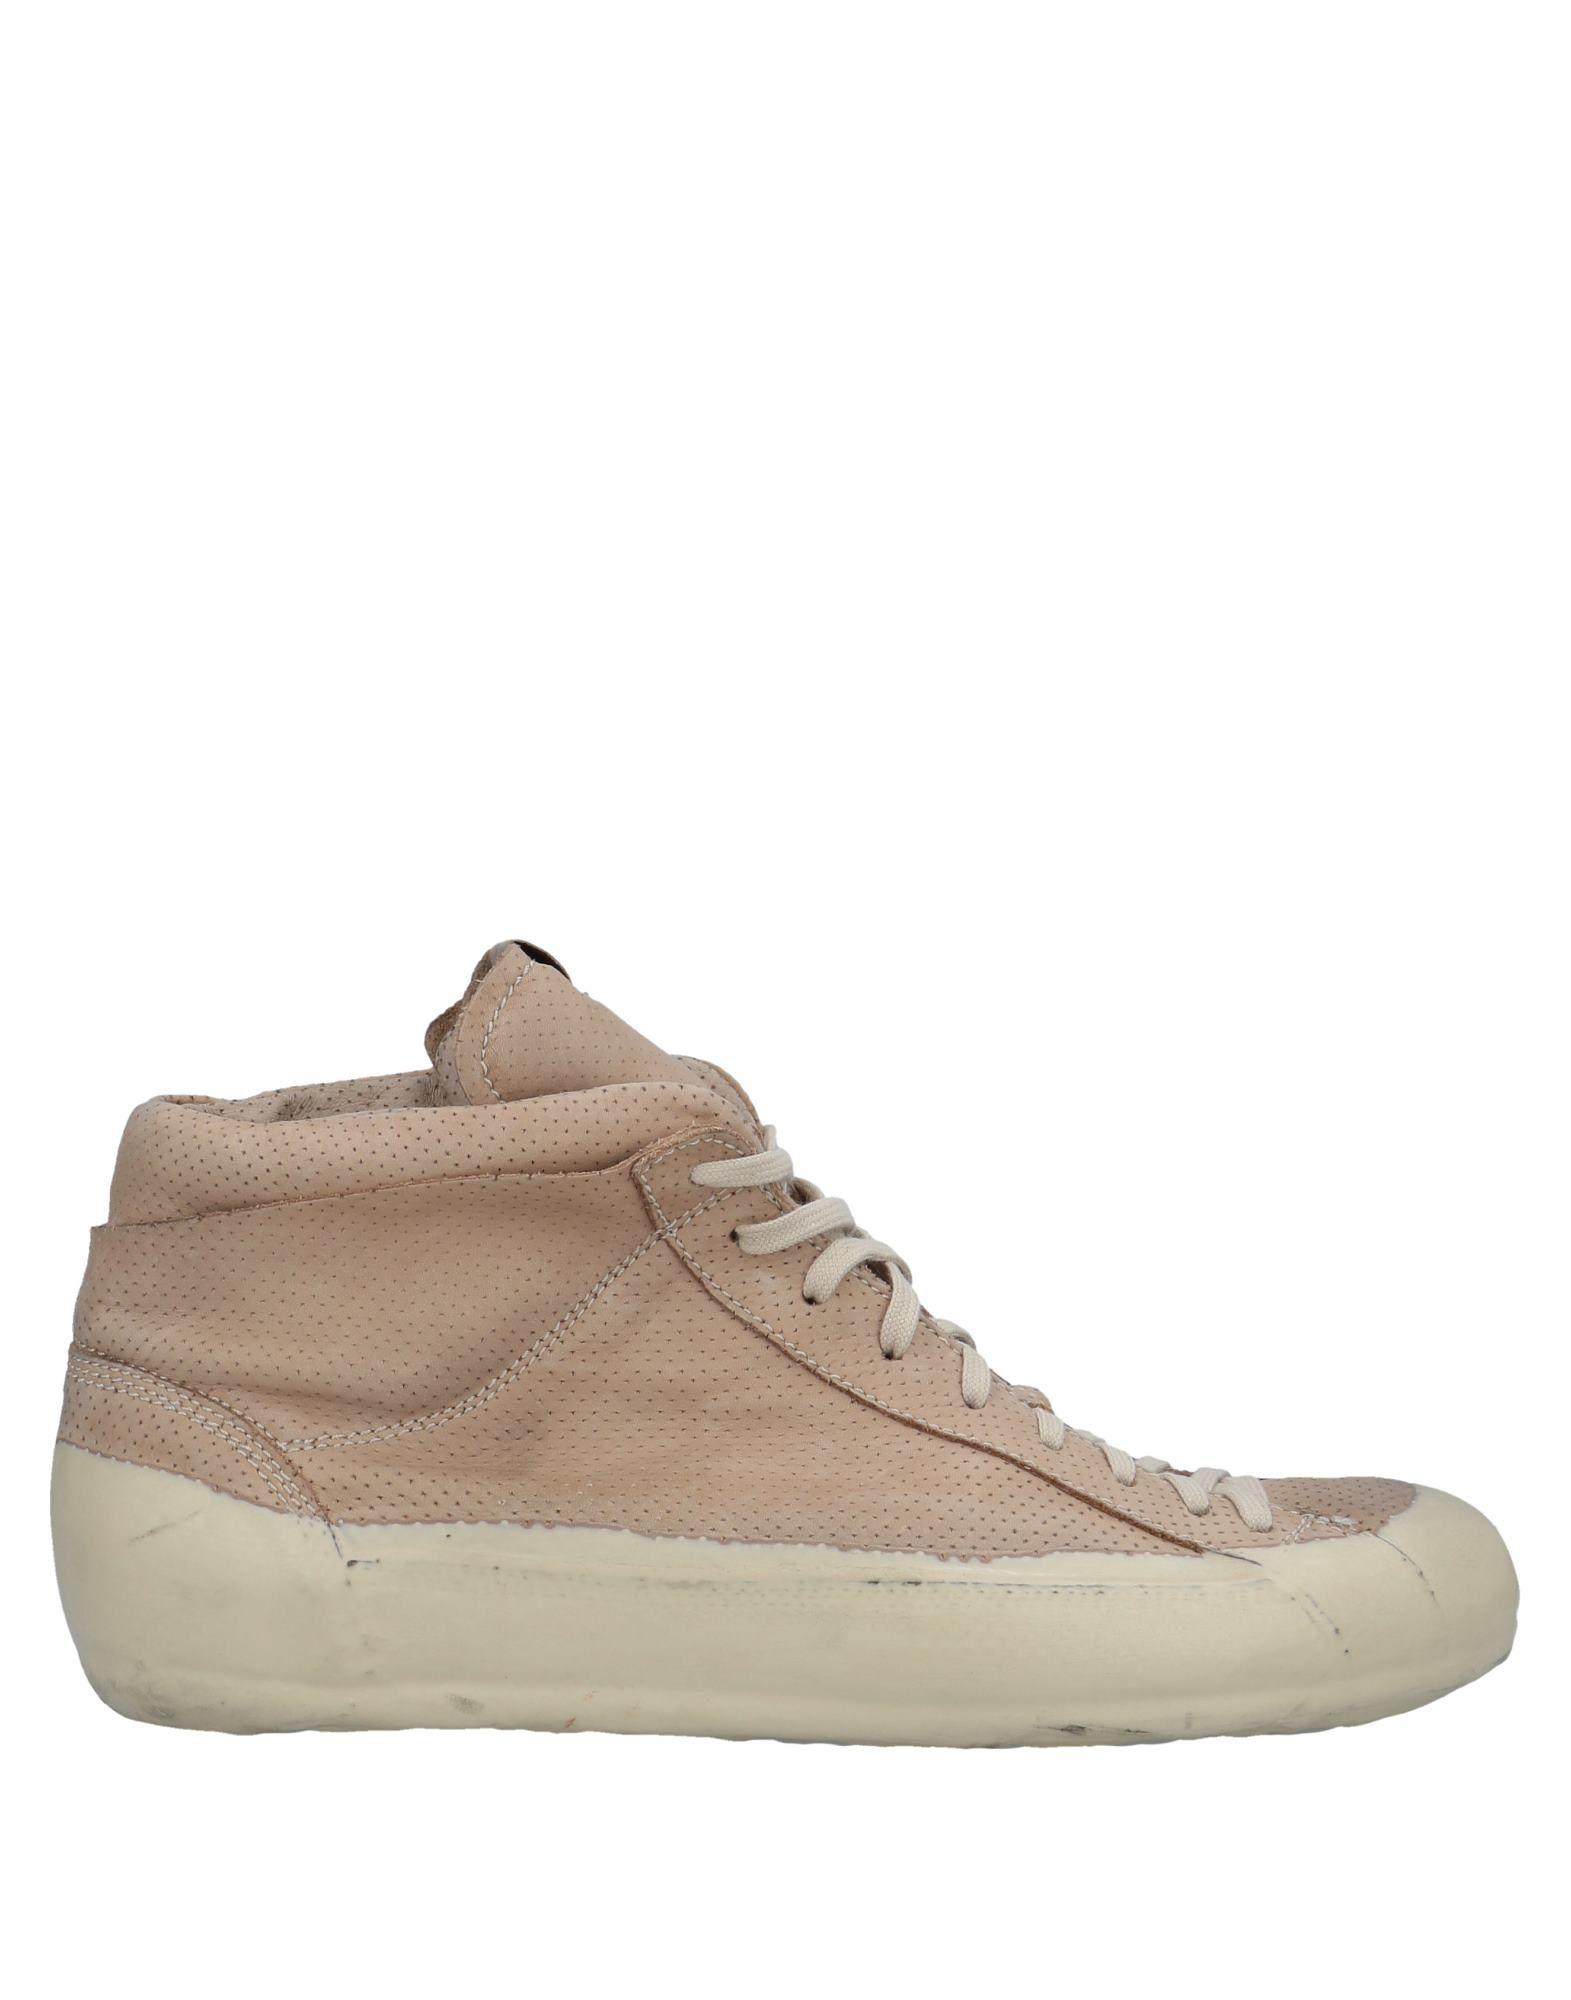 O.X.S. Sneakers Rubber Soul Sneakers O.X.S. Herren Gutes Preis-Leistungs-Verhältnis, es lohnt sich 40c455